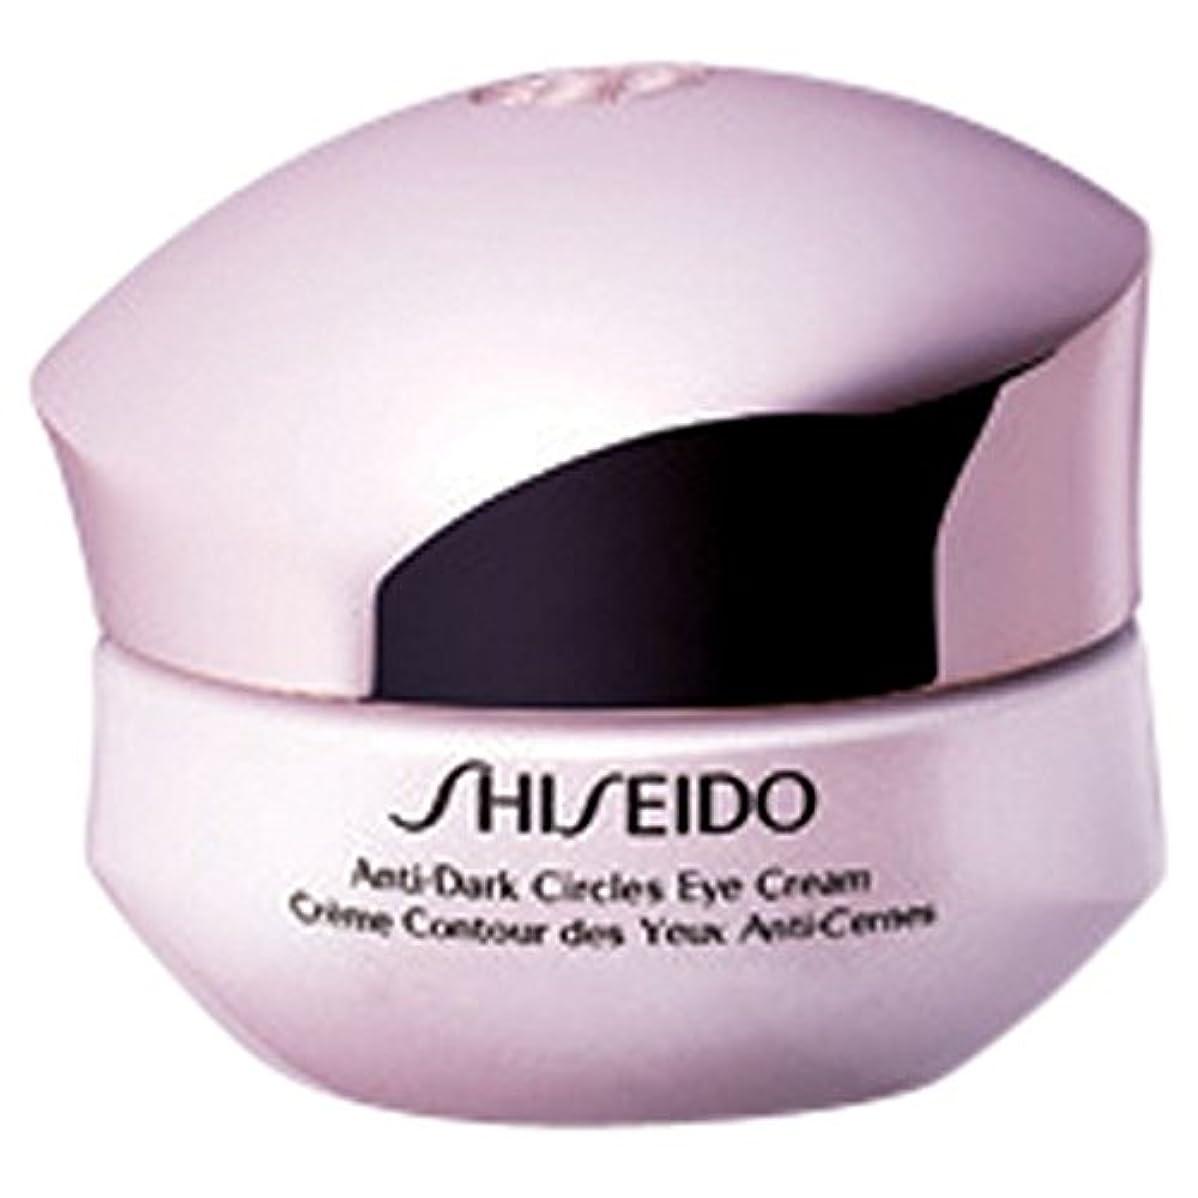 僕のそうジョブ[Shiseido] 資生堂アンチダークサークルアイクリーム15Ml - Shiseido Anti-Dark Circle Eye Cream 15ml [並行輸入品]